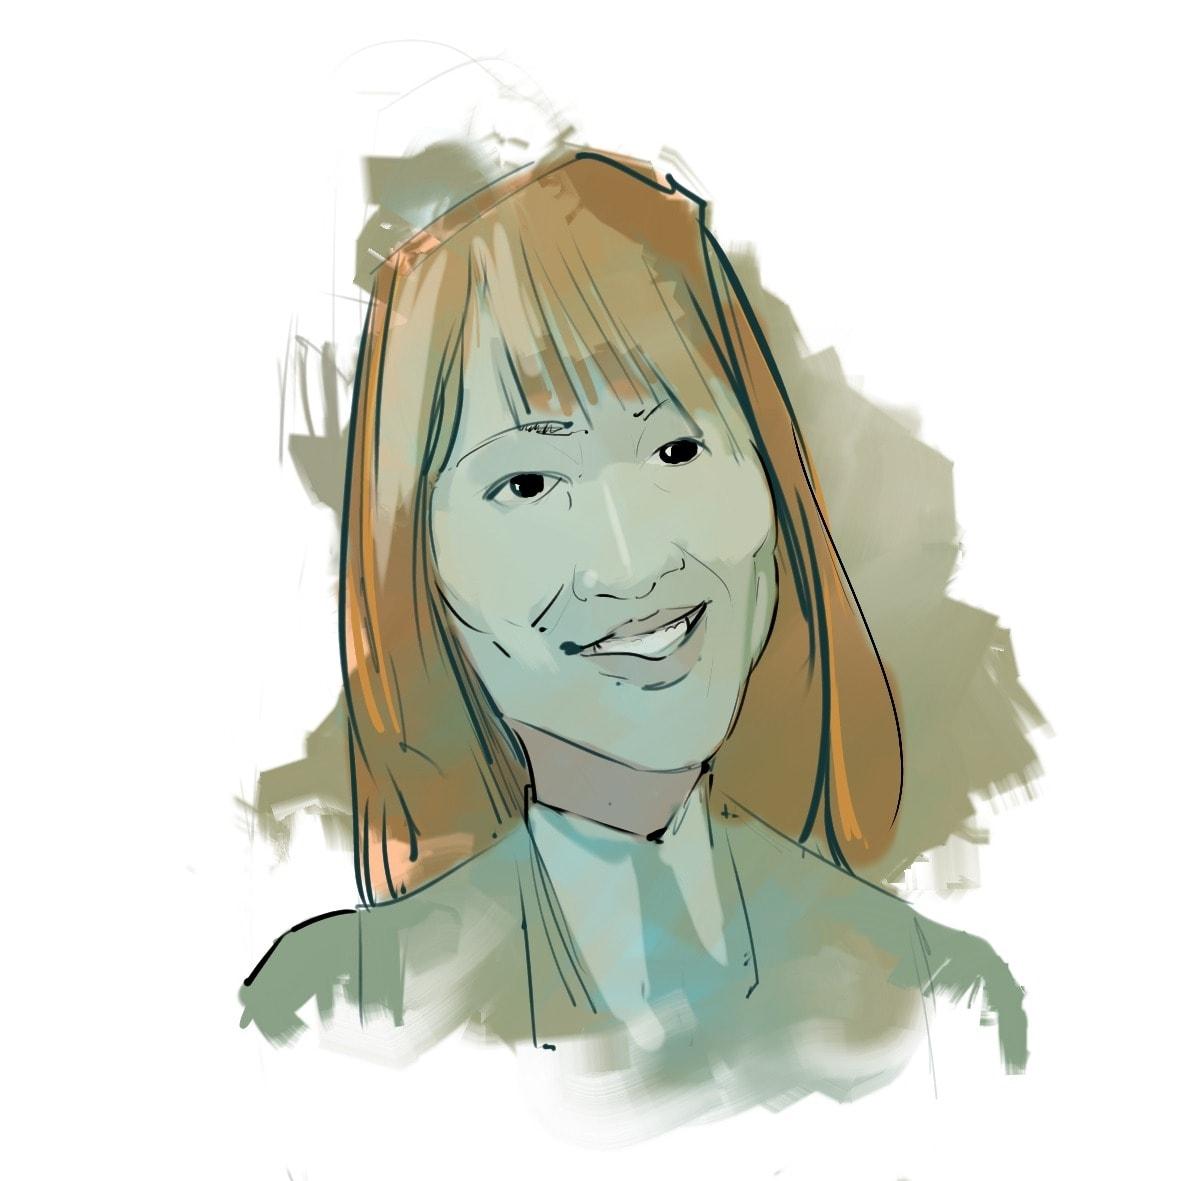 Chen Fujia